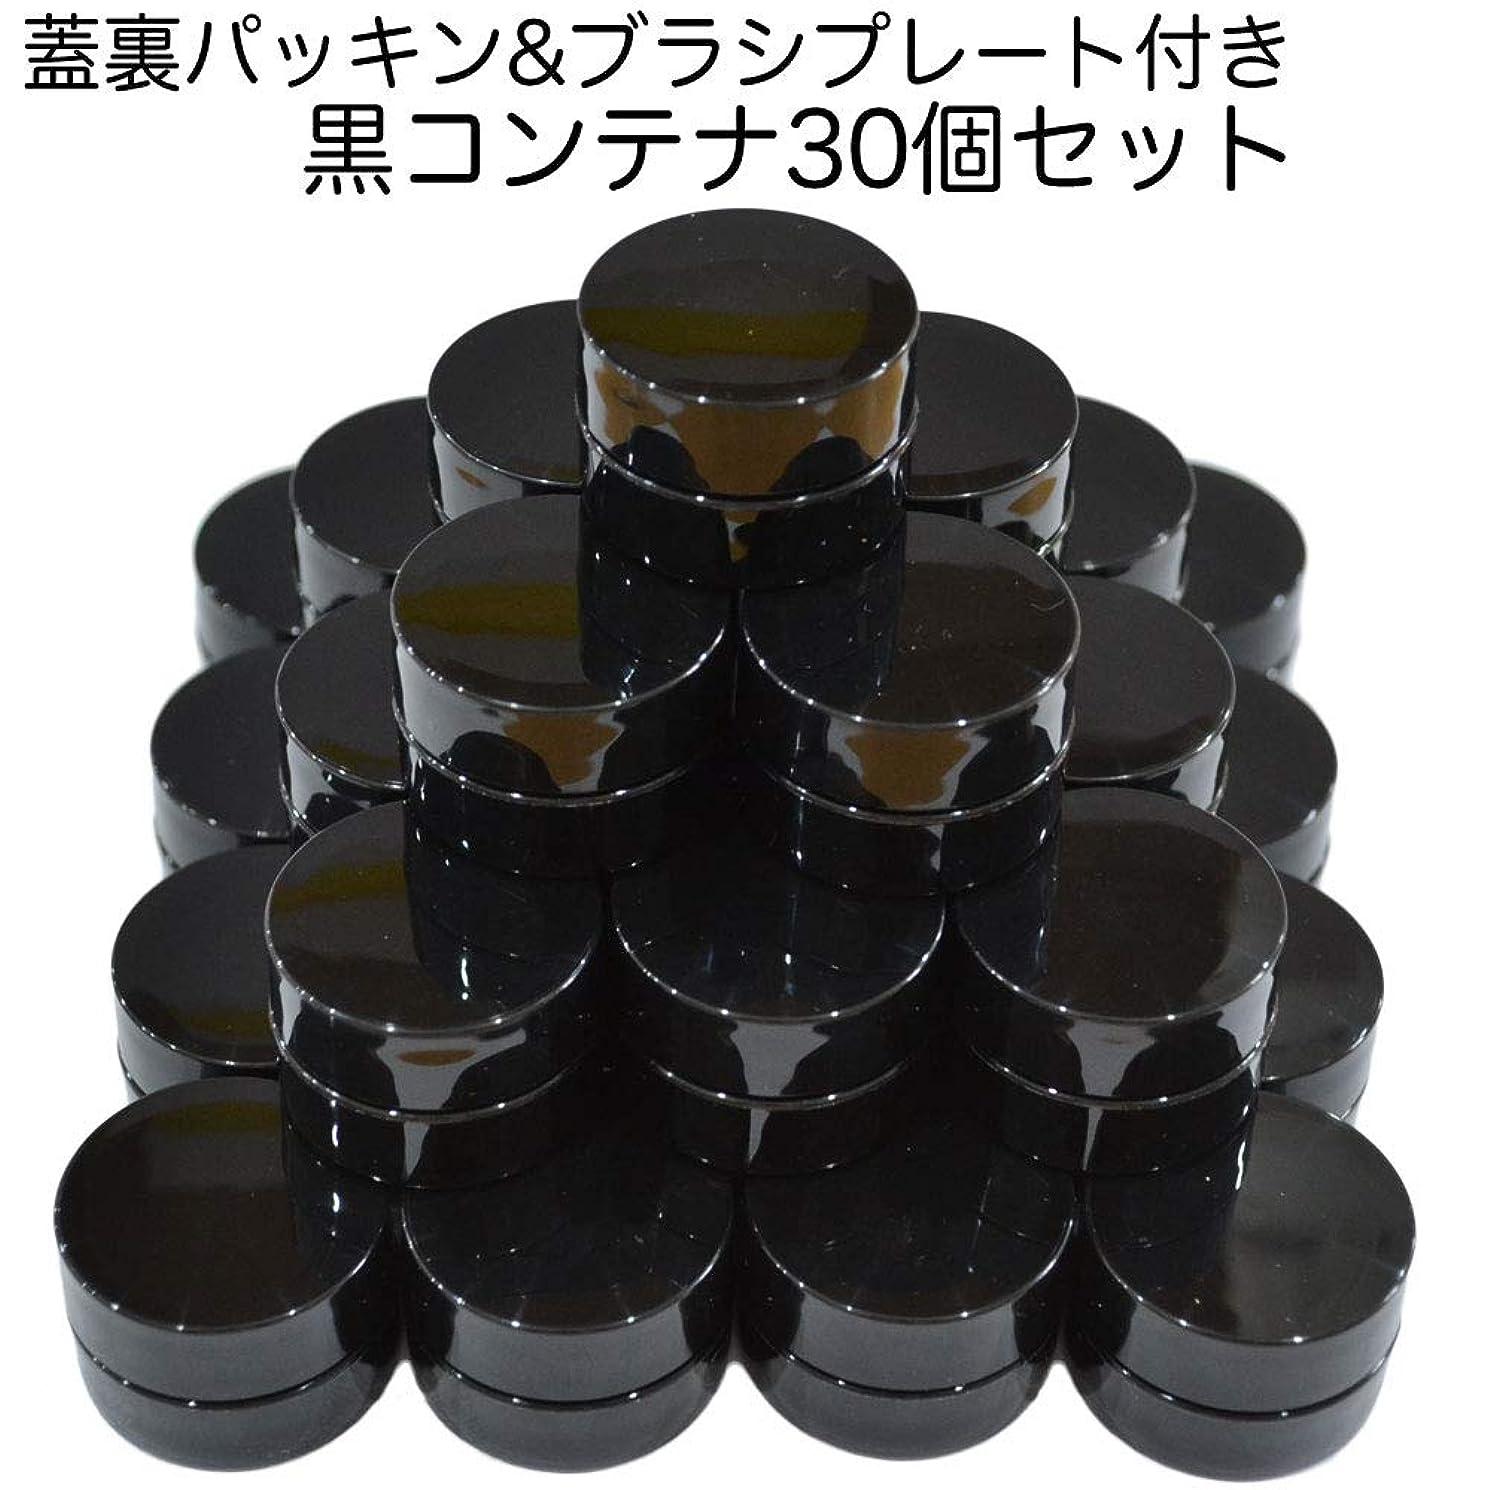 小包マイクロ柔和30個セット/純国産ネイルジェルコンテナ 3g用 GA3g 漏れ防止パッキン&ブラシプレート付容器 ジェルを無駄なく使える底面傾斜あり 遮光 黒 ブラック